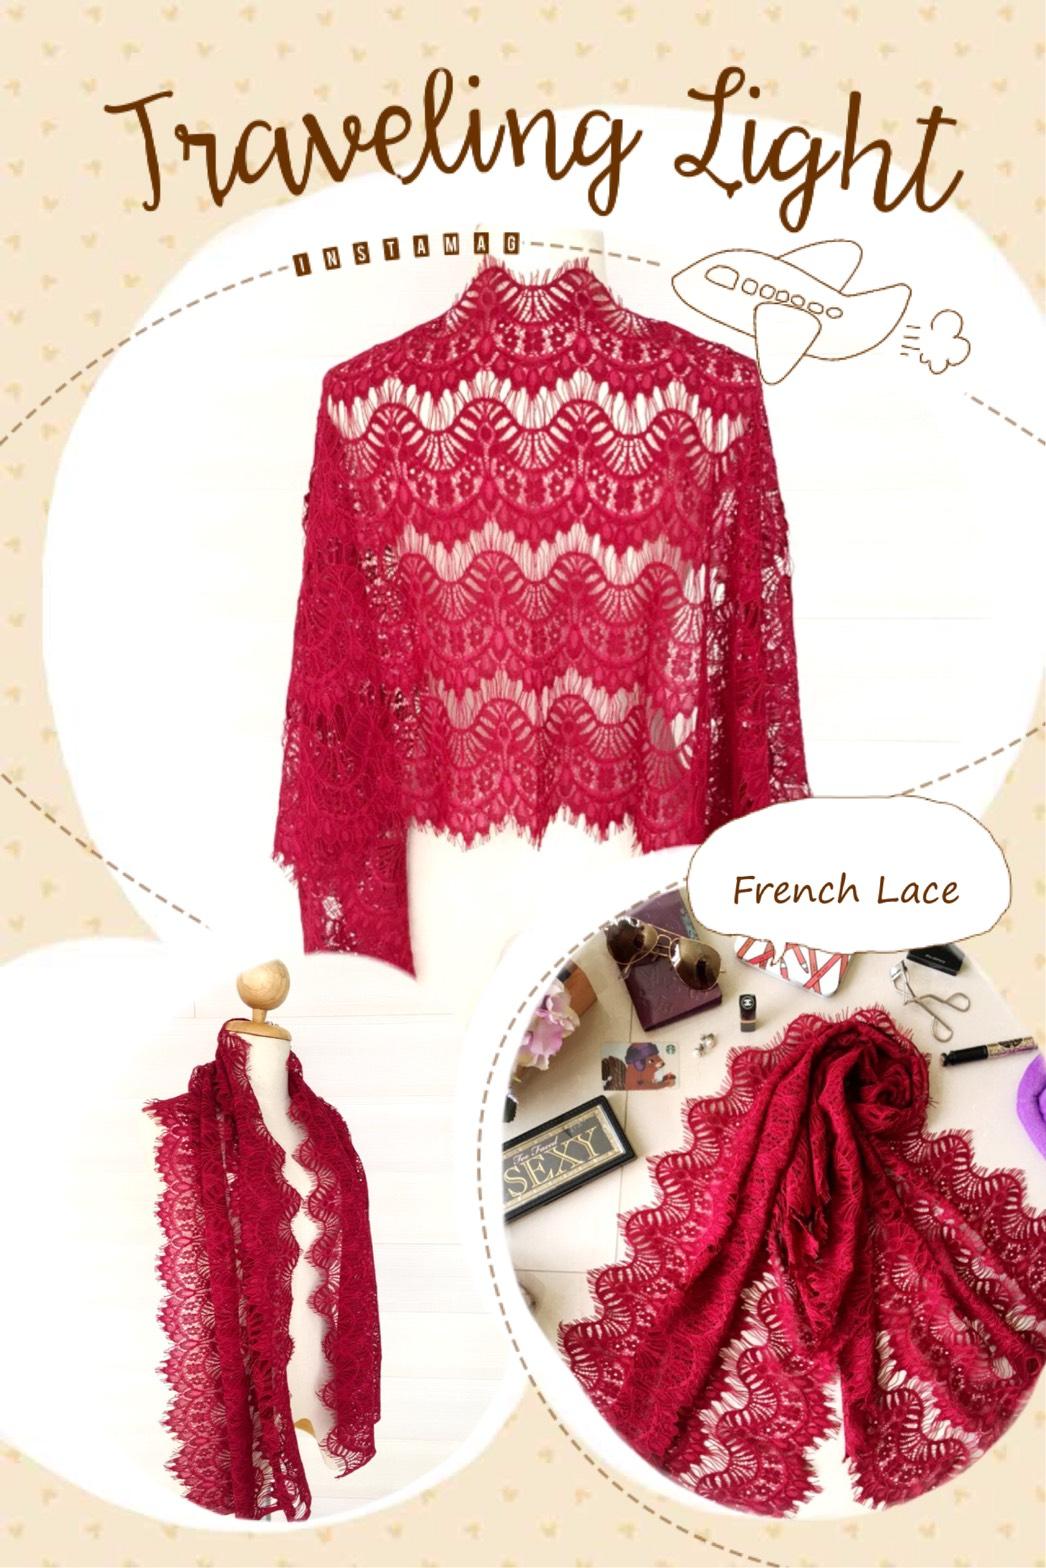 ผ้าคลุมไหล่ พร้อมกล่องของขวัญ รุ่น Delicated French Lace in Burgundy Red (Size M) ผ้าพันคอ ผ้าคลุมไหล่ลูกไม้ฝรั่งเศสสีแดงเลือดนก สีสวยมากๆ สวยหรู เป๊ะ ปัง อลังการ สีนี้เริ่ดมากๆ เลยค่ะ ห้ามพลาดเด็ดขาดกับสินค้าชิ้นนี้ มันดีมากเวอร์ ผ้าพันคอ พร้อมกล่อง/ซองแ